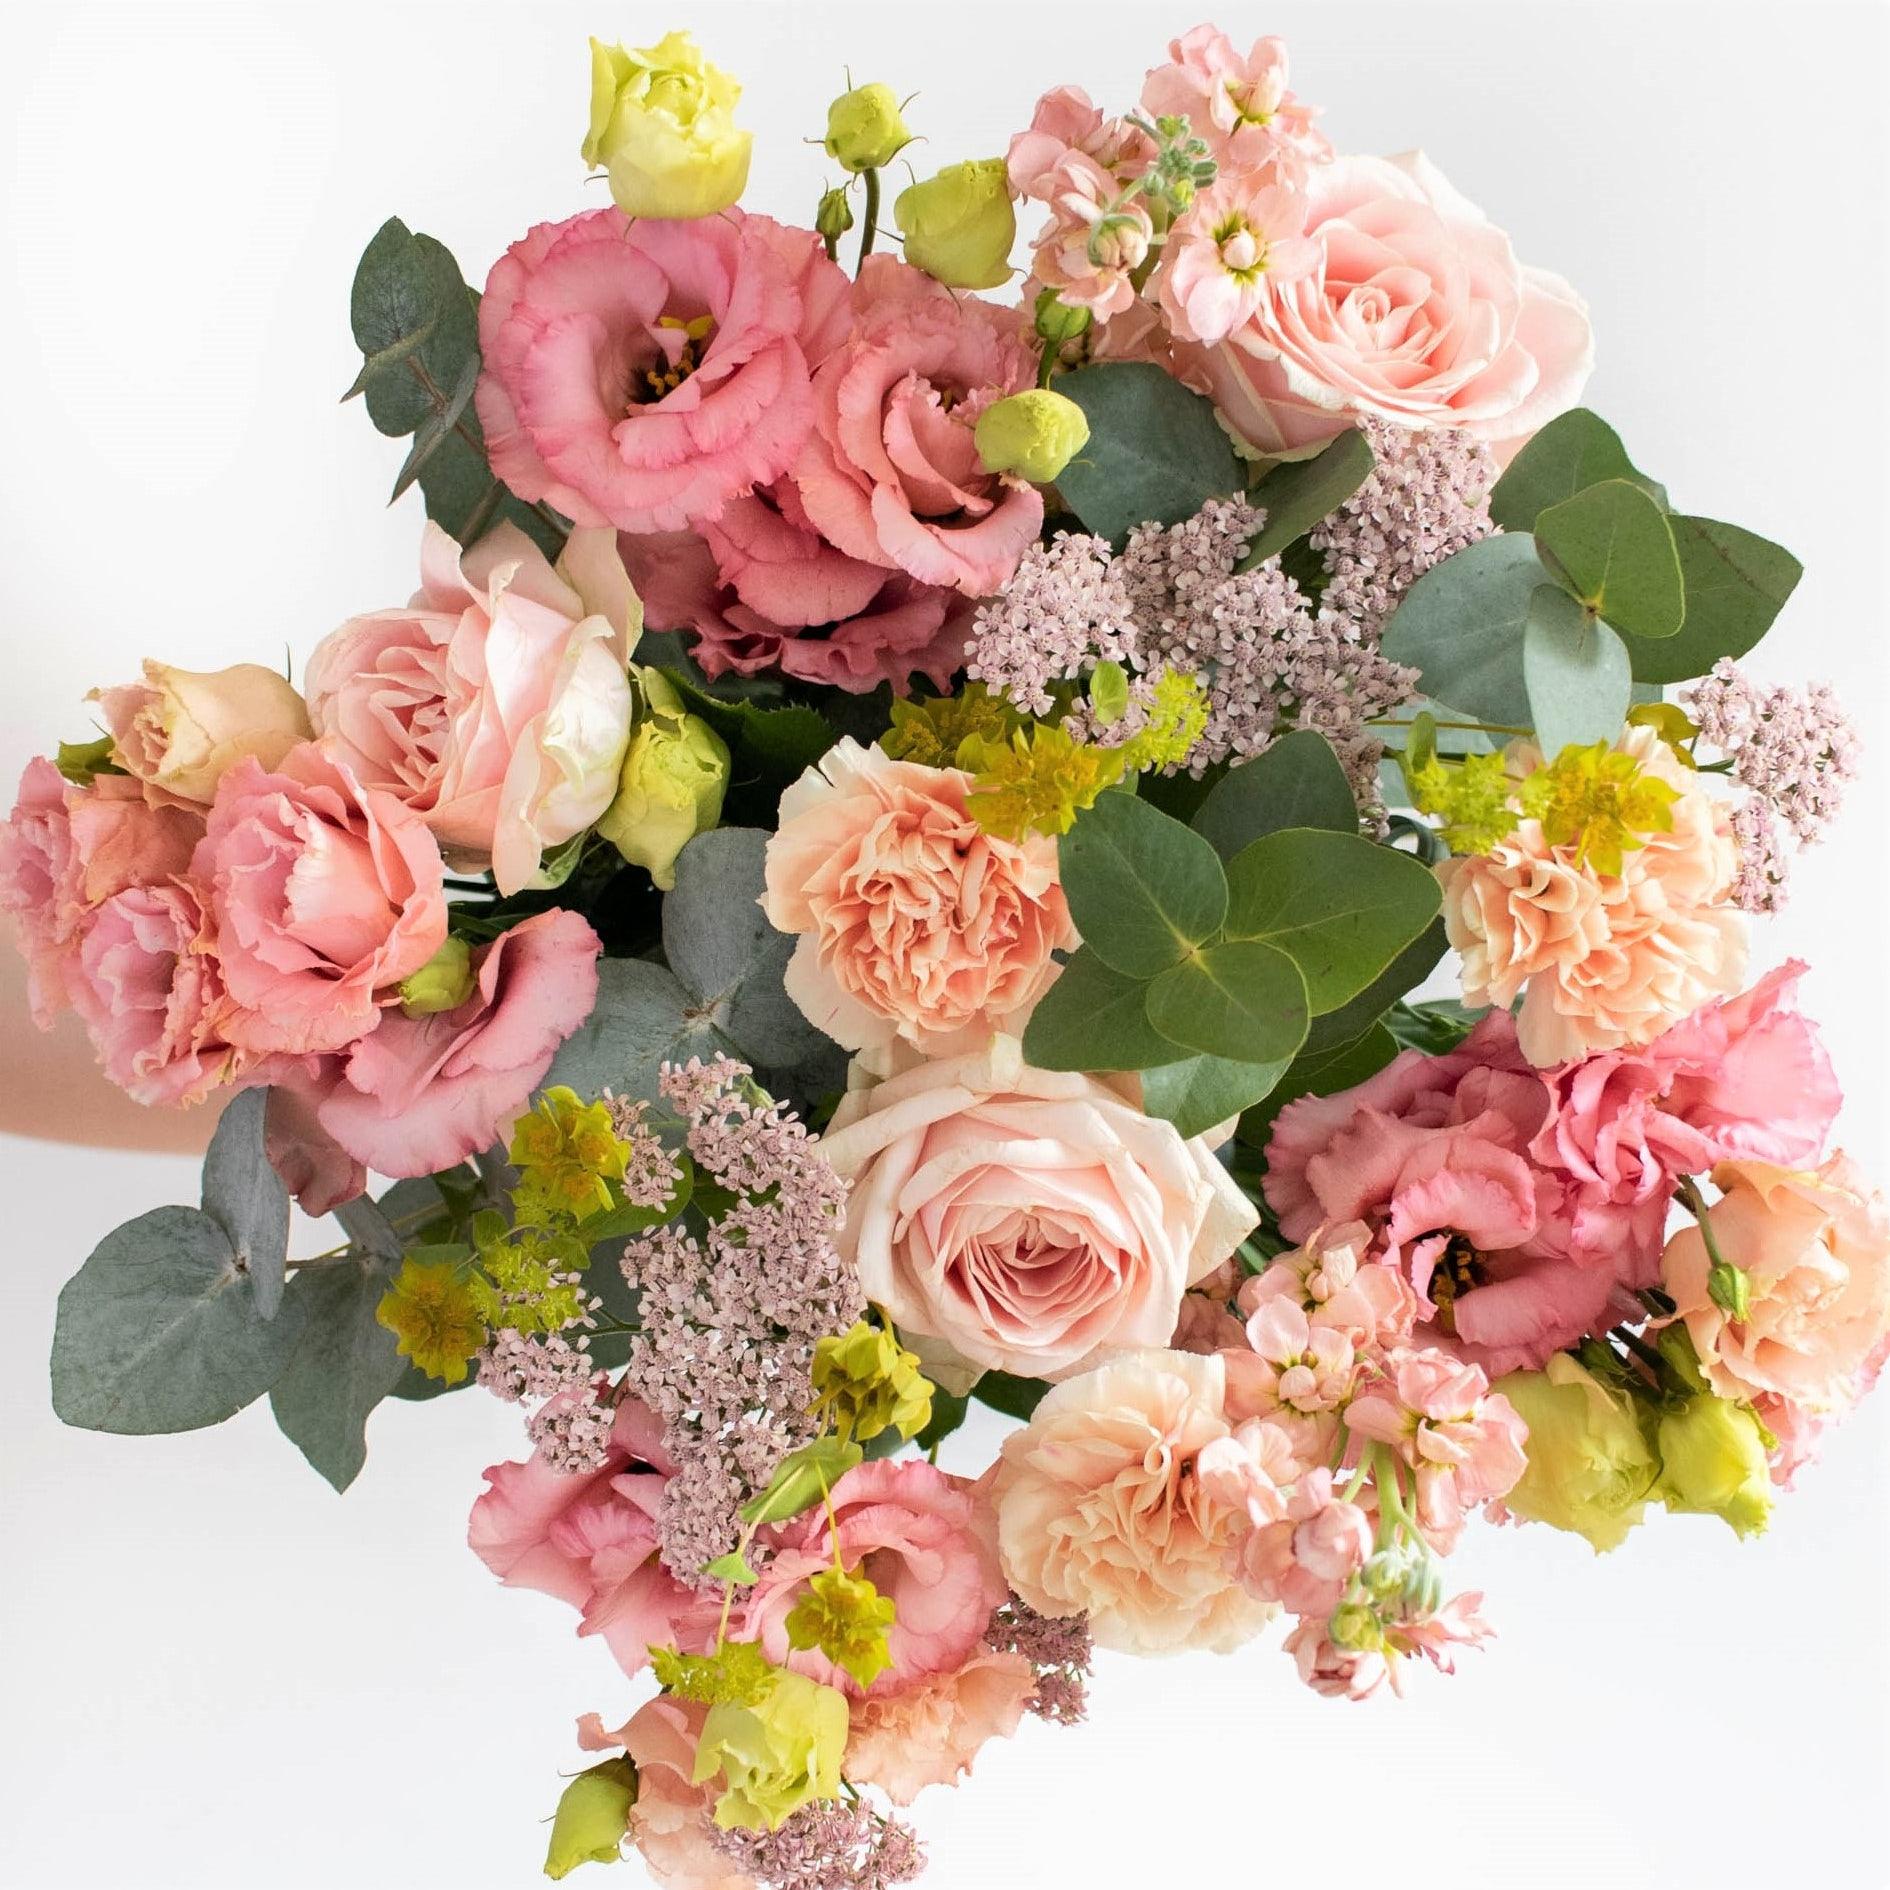 """Blumenstrauß Figari - Innerhalb der nächsten zwei Wochen spenden wir pro verkauftem Blumenstrauß 2€ an """"Aktion Deutschland hilft"""" und die Betroffenen der Hochwasser-Katastrophe."""